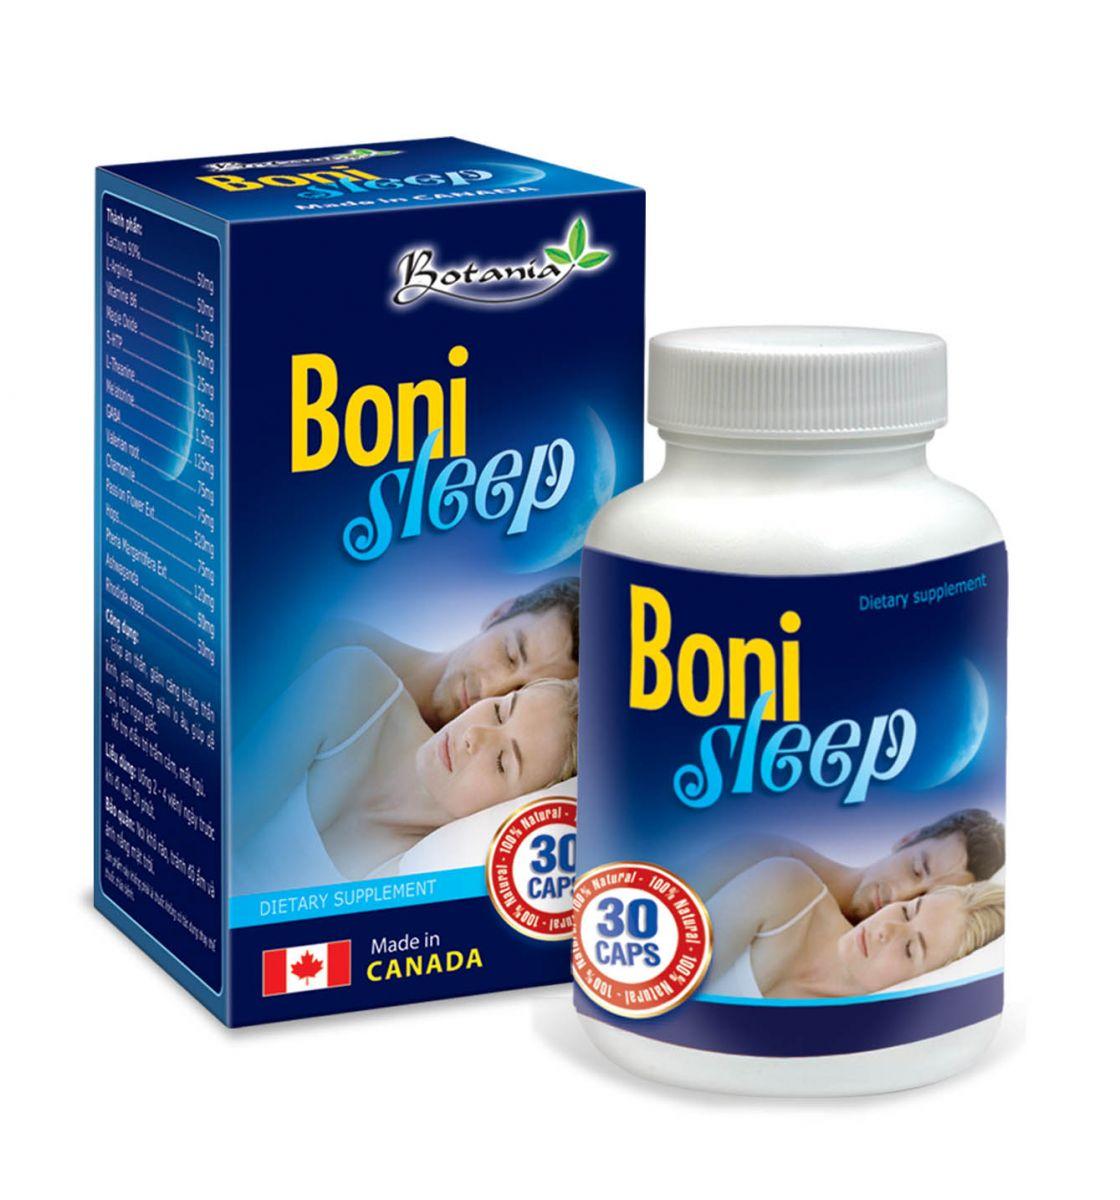 BoniSleep + Giúp dễ ngủ, ngủ ngon giấc.